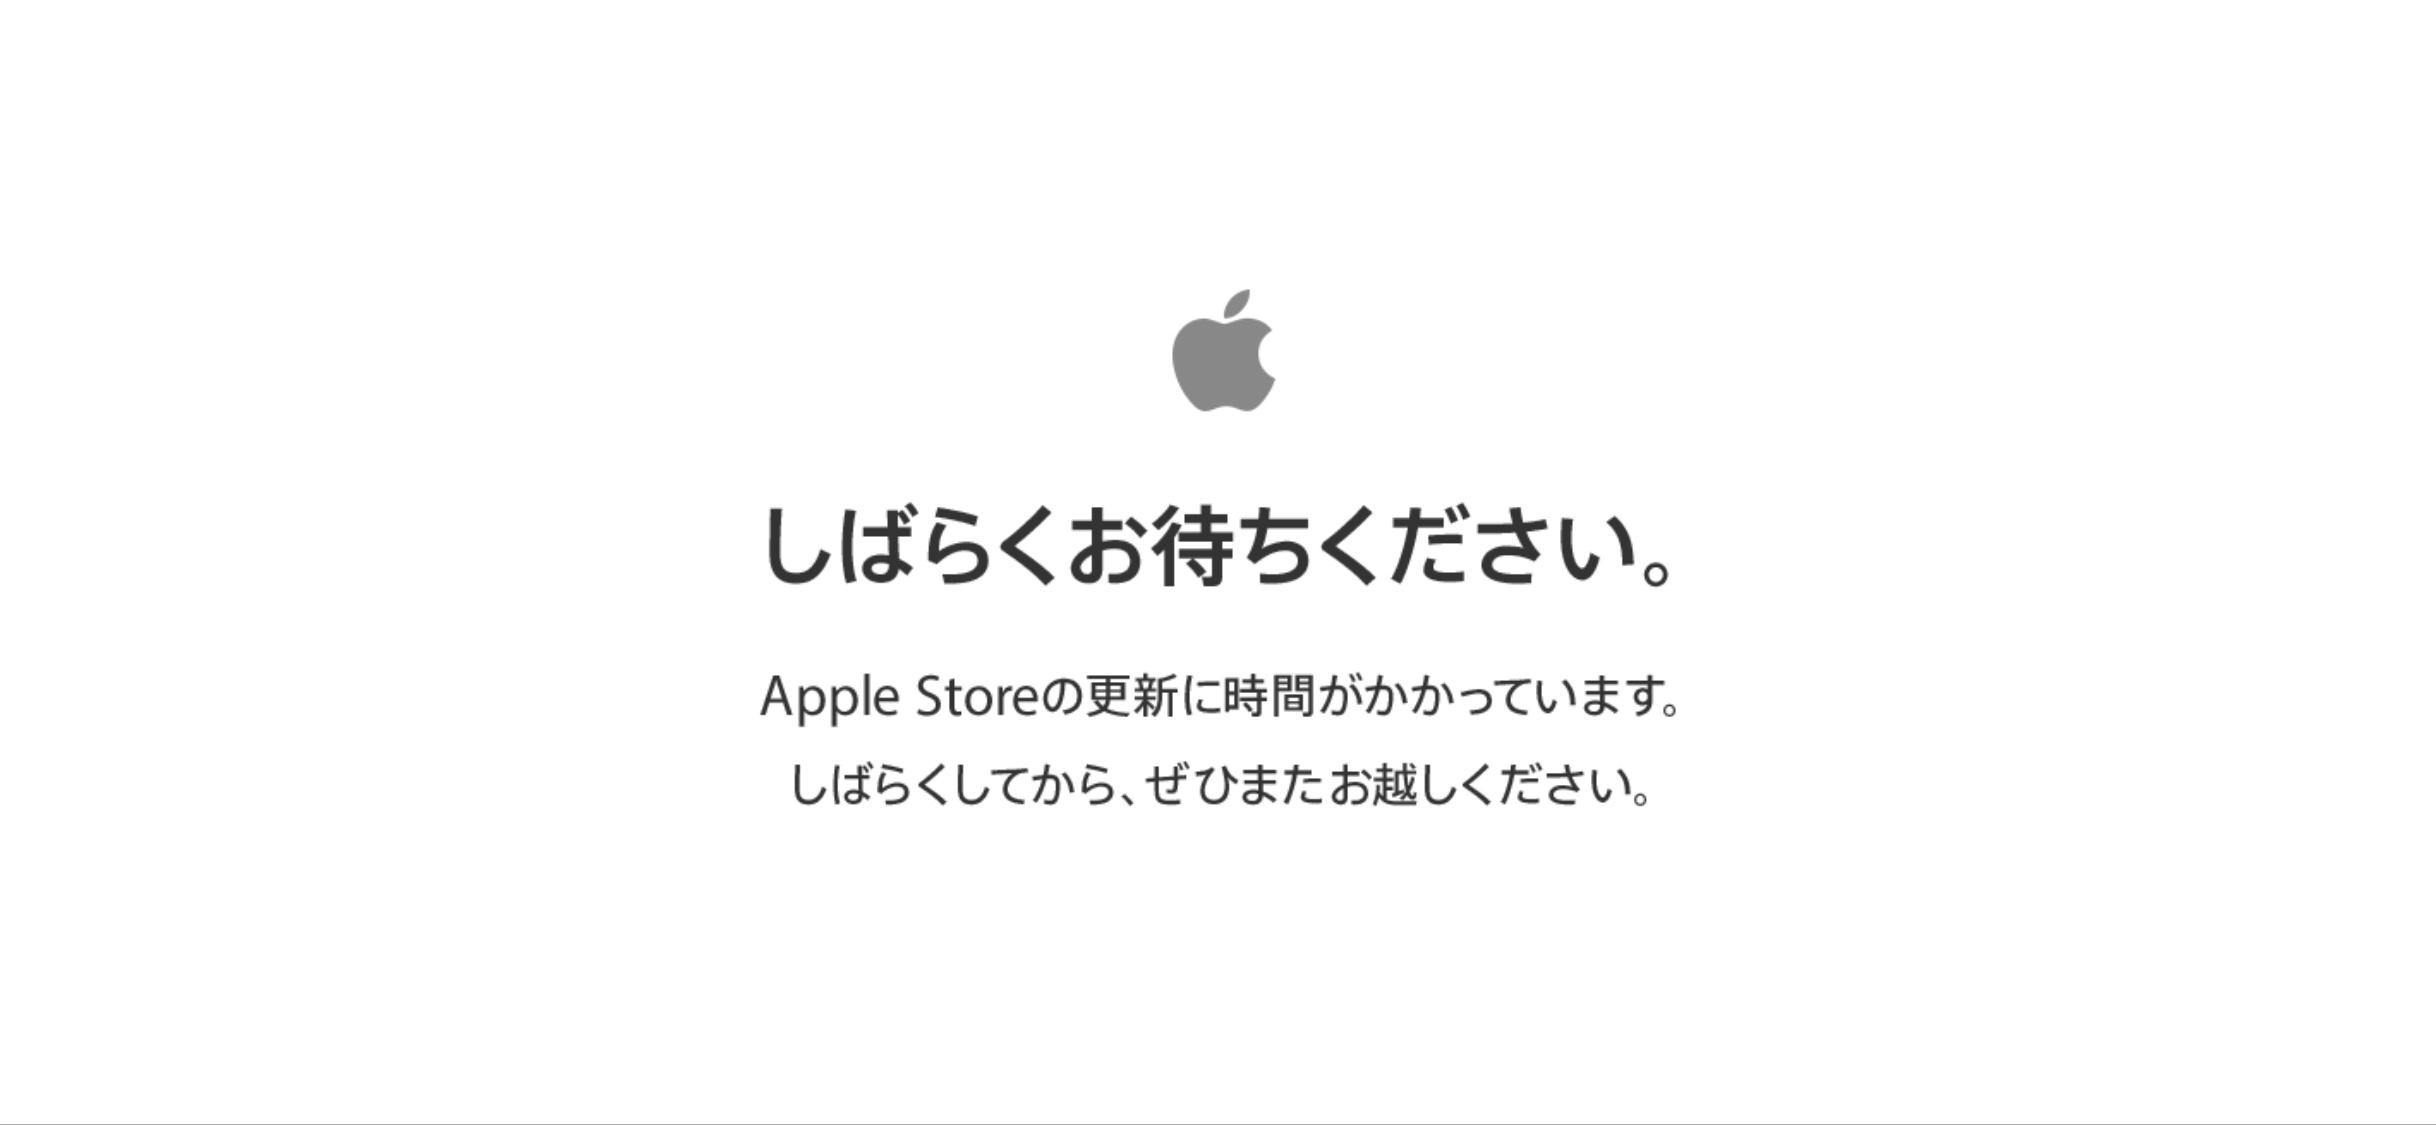 Apple公式サイトがメンテ中に。低価格の新型「iPad」など発売か